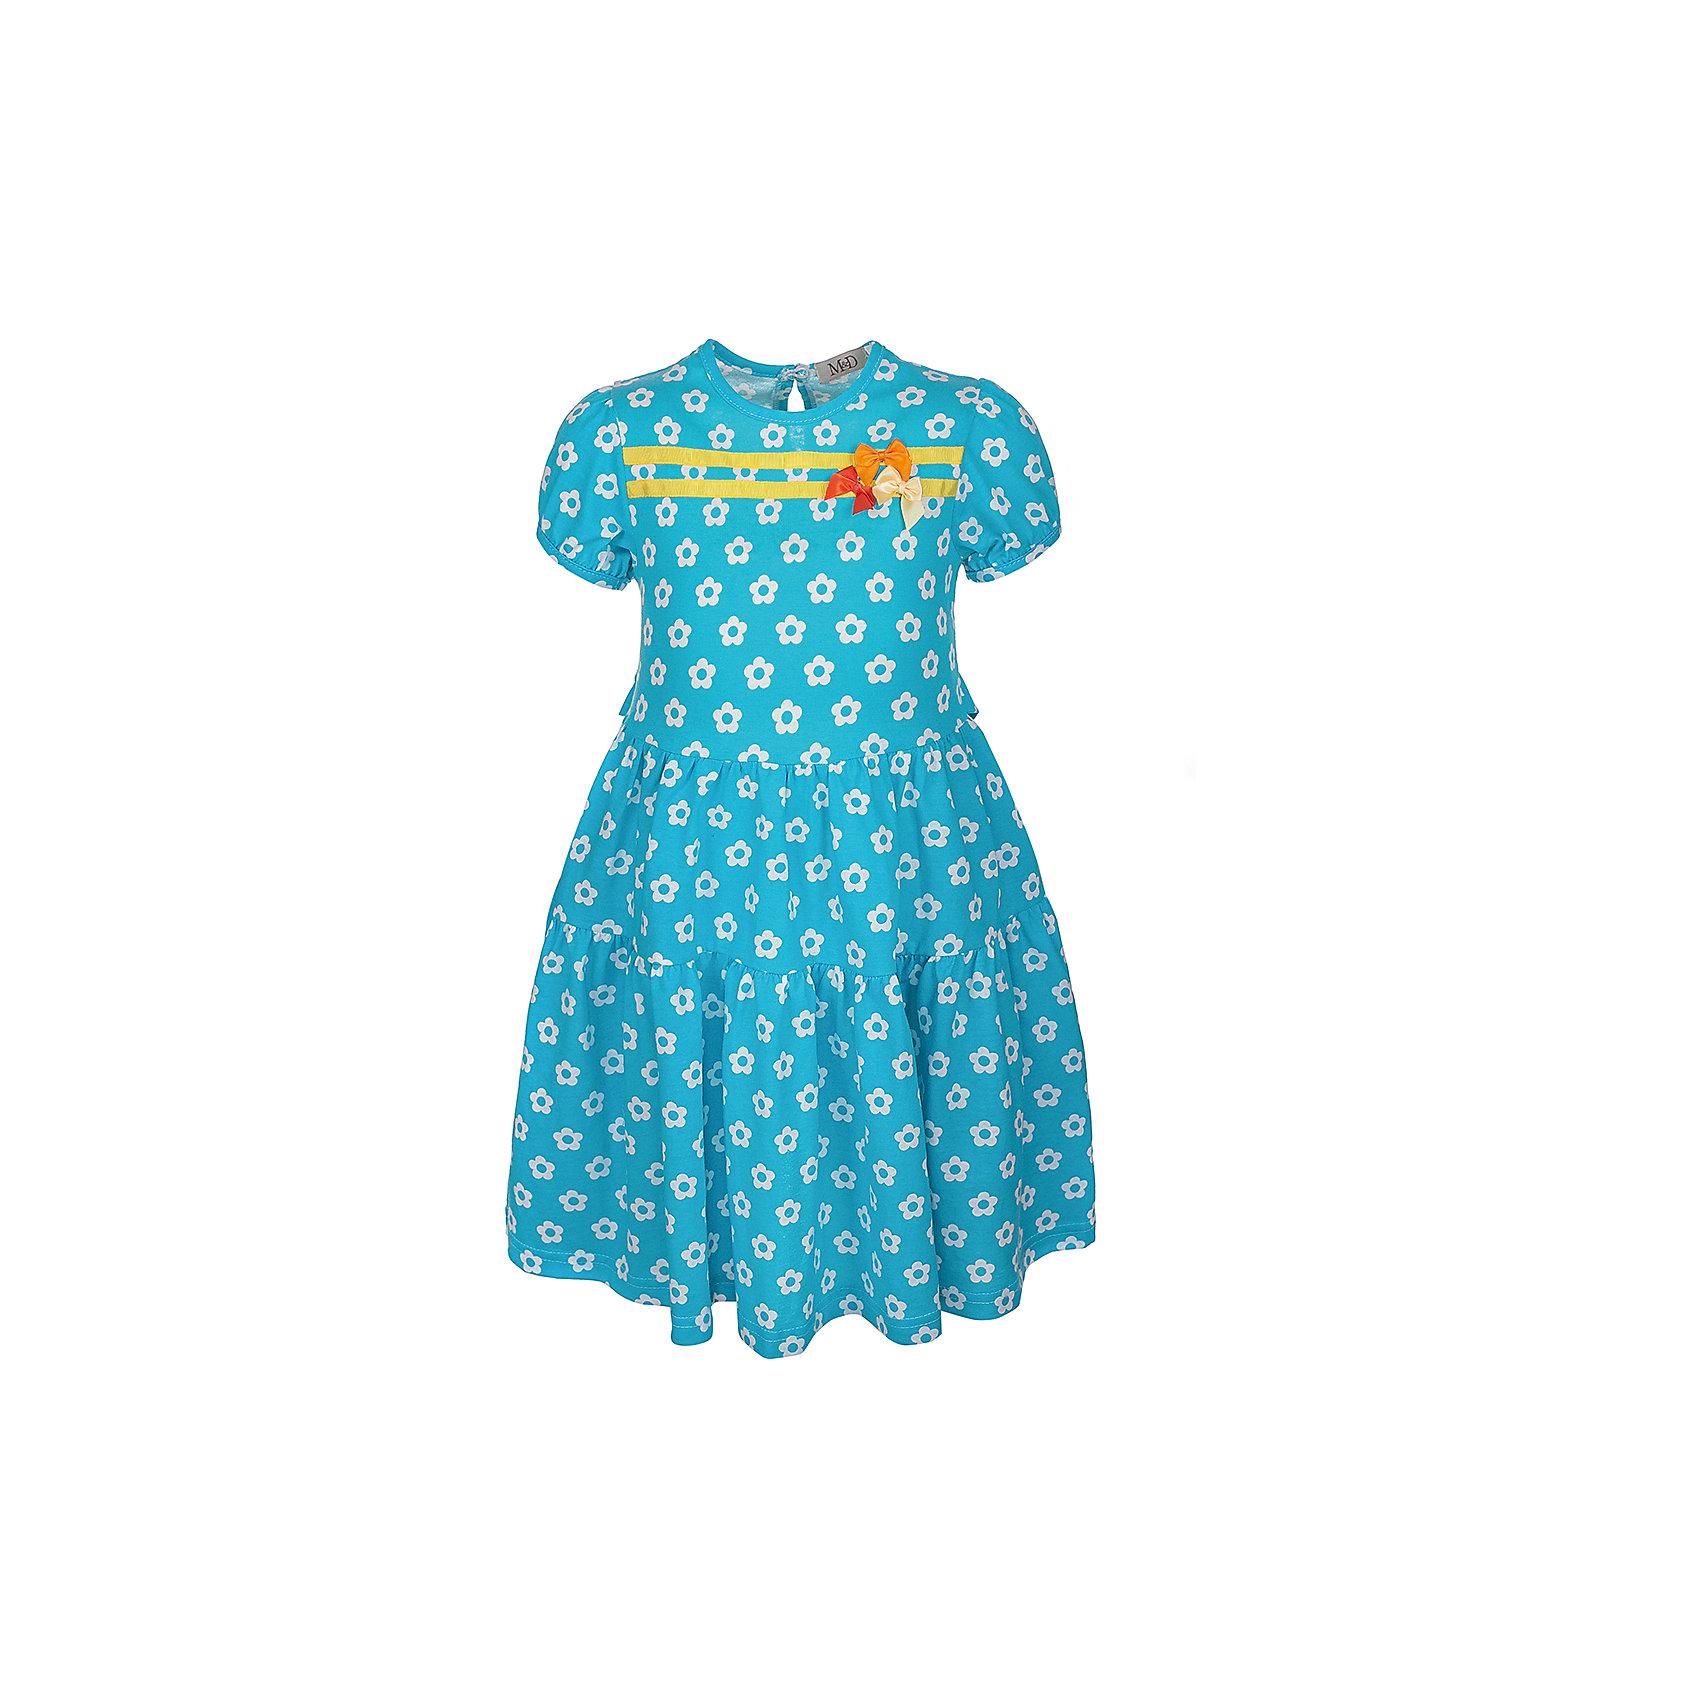 Платье M&amp;D для девочкиПлатья и сарафаны<br>Платье для девочки, с коротким рукавом - фонарик.<br>Юбка с двумя воланами на сборке.<br>На полочке декор - репсовая лента.<br>С притачным поясом по спинке.<br>Соответствует размеру.<br>Рекомендуется предварительная стирка.<br><br><br>Состав:<br>100% хлопок<br><br>Ширина мм: 236<br>Глубина мм: 16<br>Высота мм: 184<br>Вес г: 177<br>Цвет: голубой<br>Возраст от месяцев: 24<br>Возраст до месяцев: 36<br>Пол: Женский<br>Возраст: Детский<br>Размер: 98,104,110,116,122,128<br>SKU: 7012462